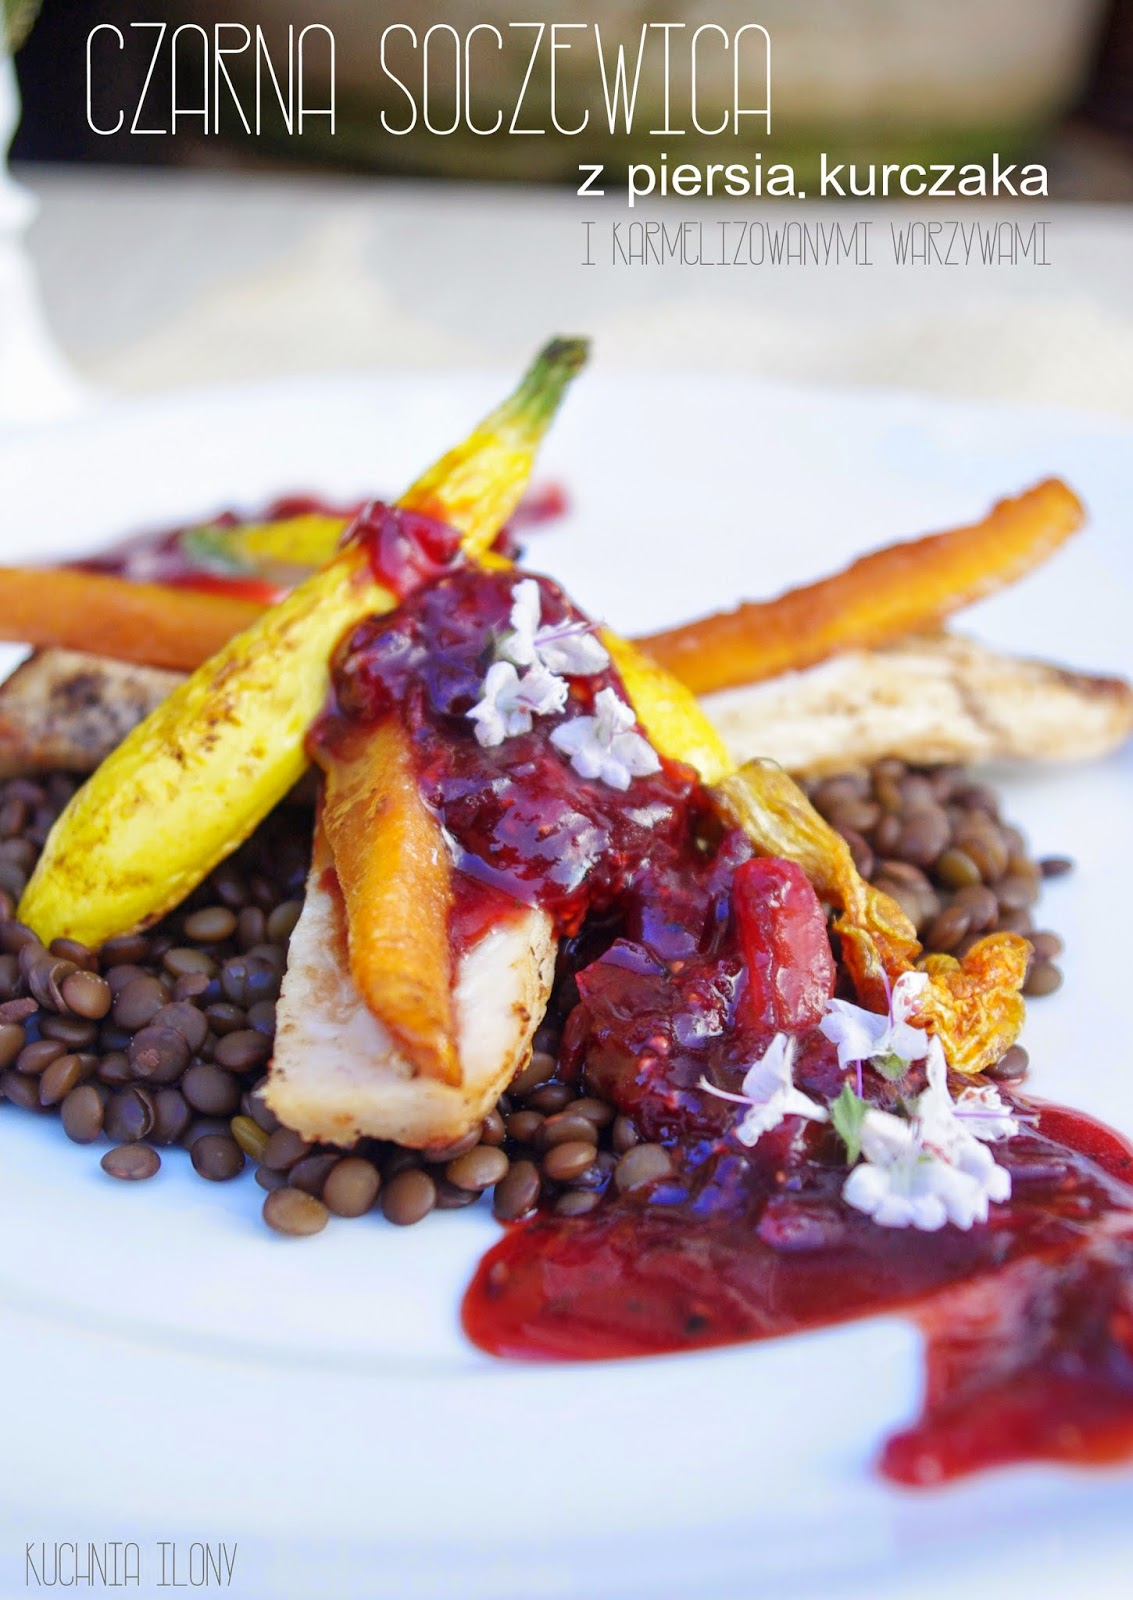 czarna soczewica, obiad, karmelizowane warzywa, soczewica, jadalne kwiaty